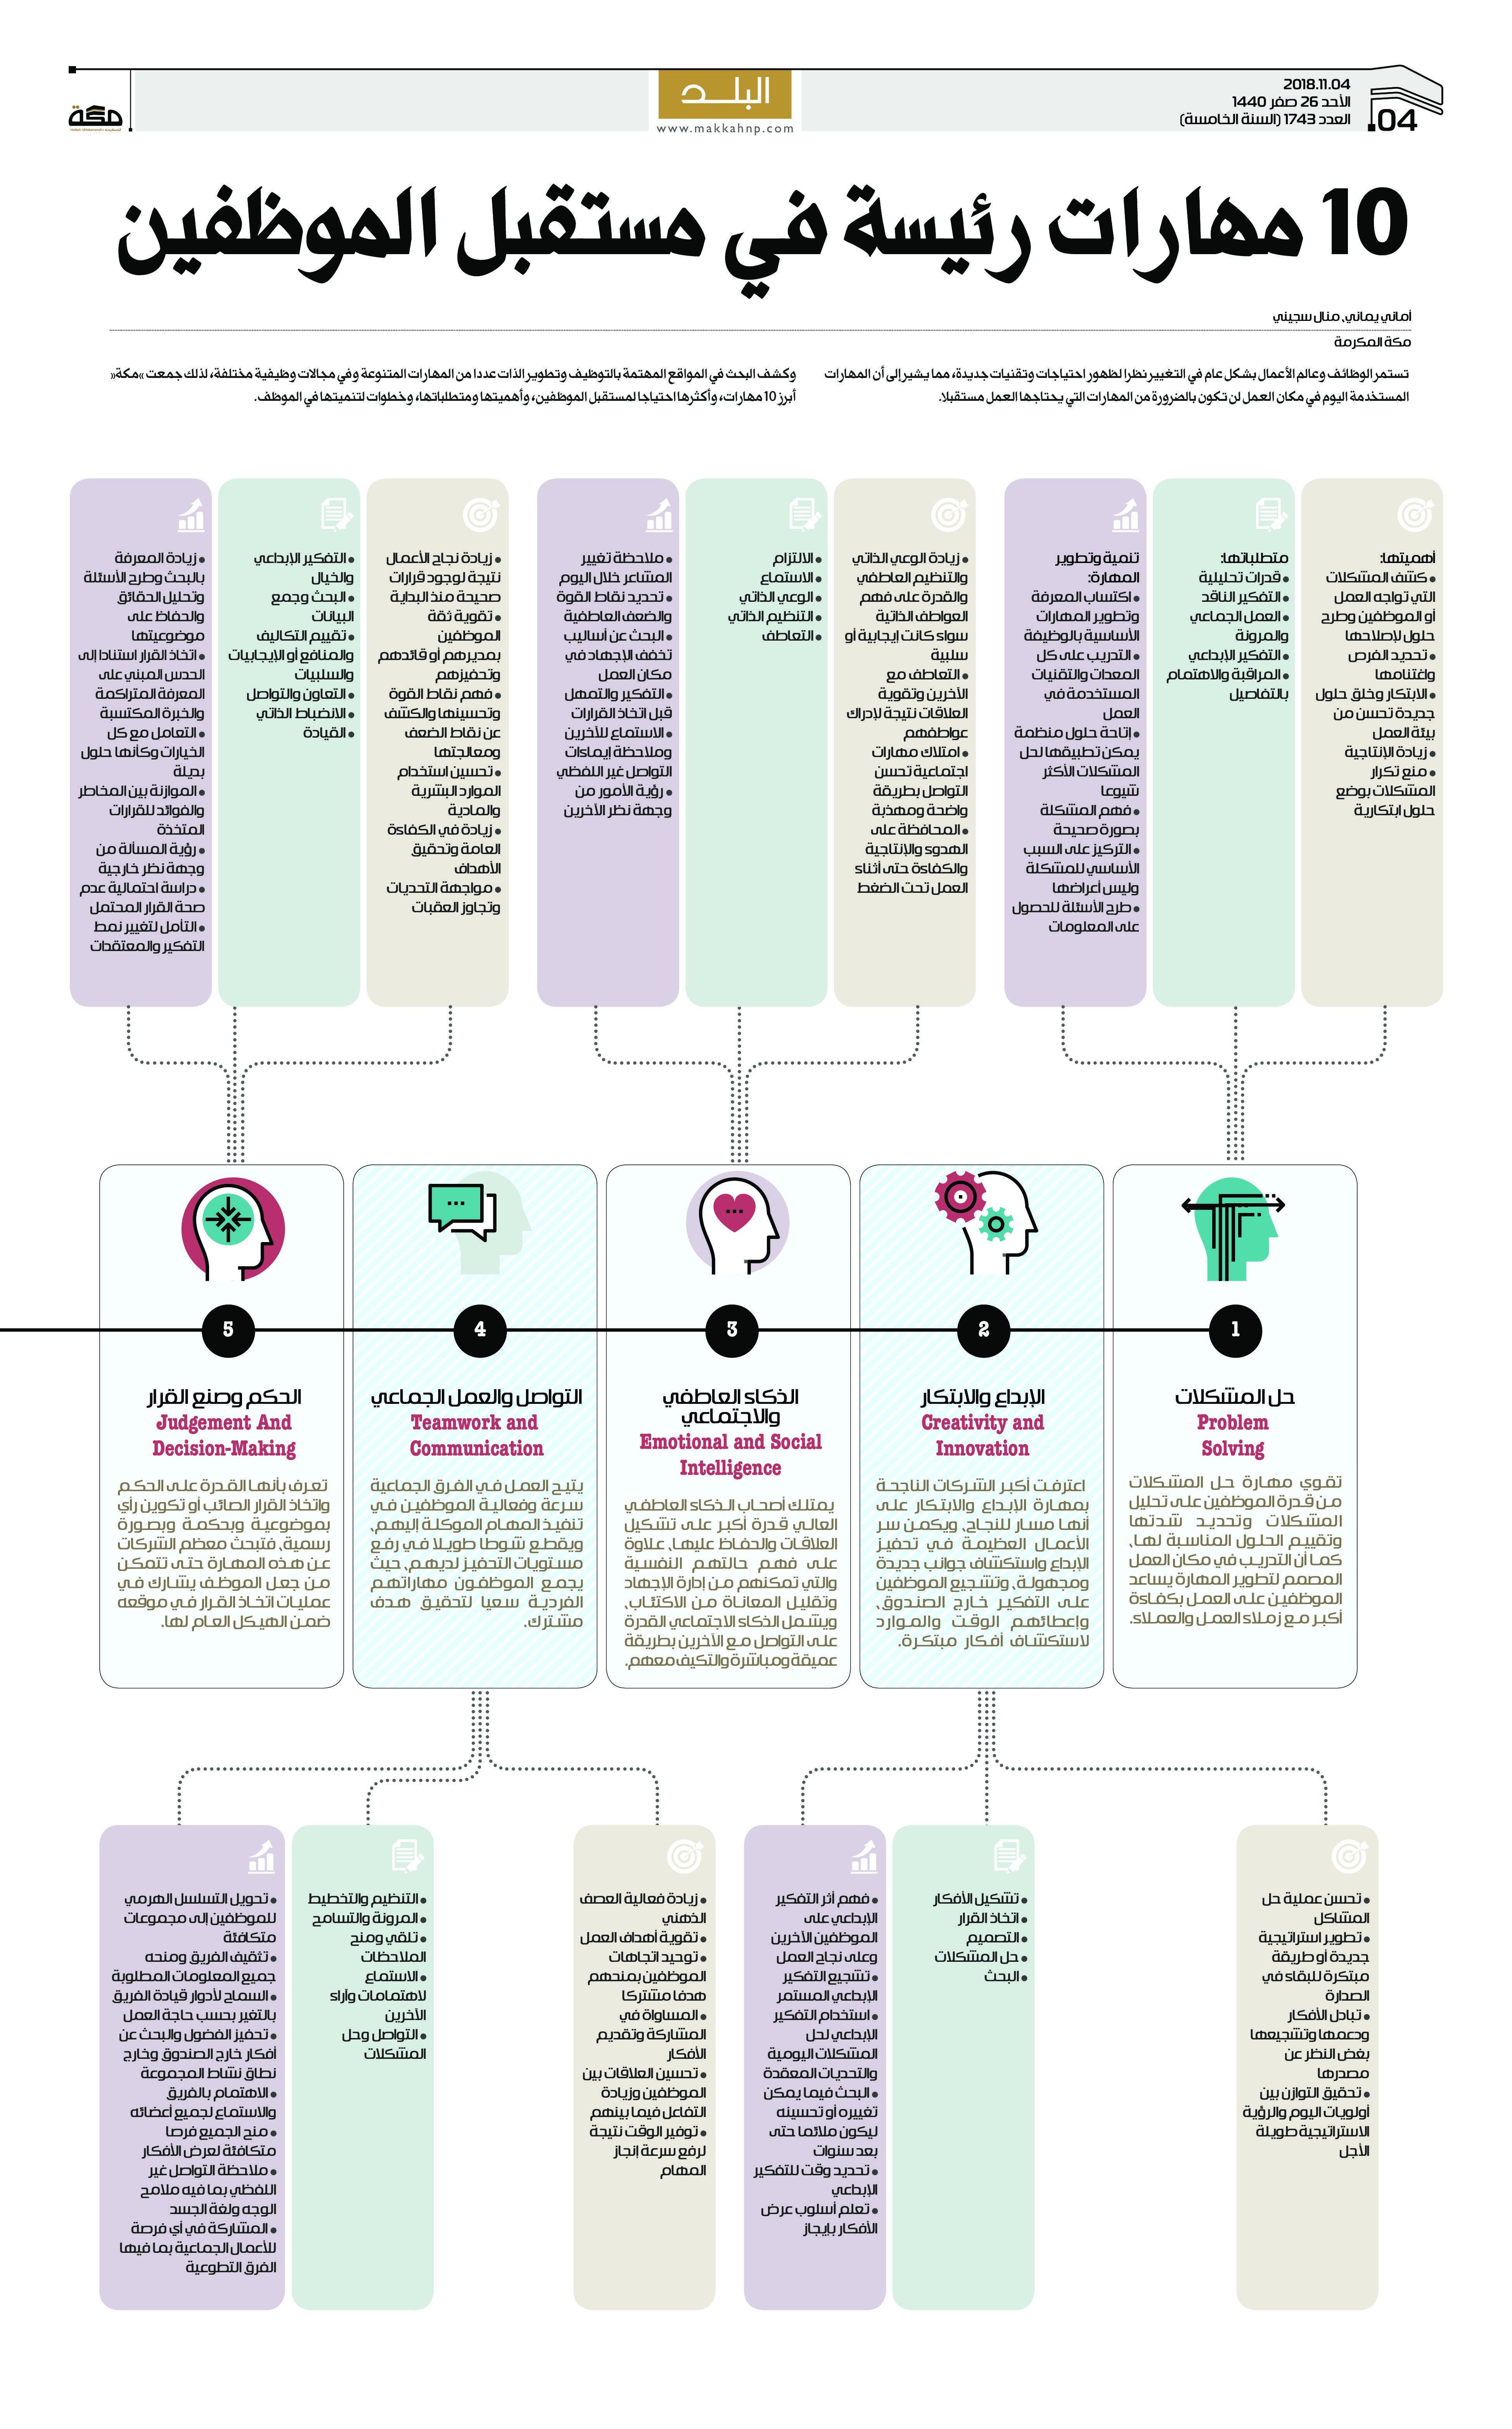 10 مهارات رئيسة في مستقبل الموظفين صحيفةـمكة انفوجرافيك تحقيقات Infographic Emotions Solving